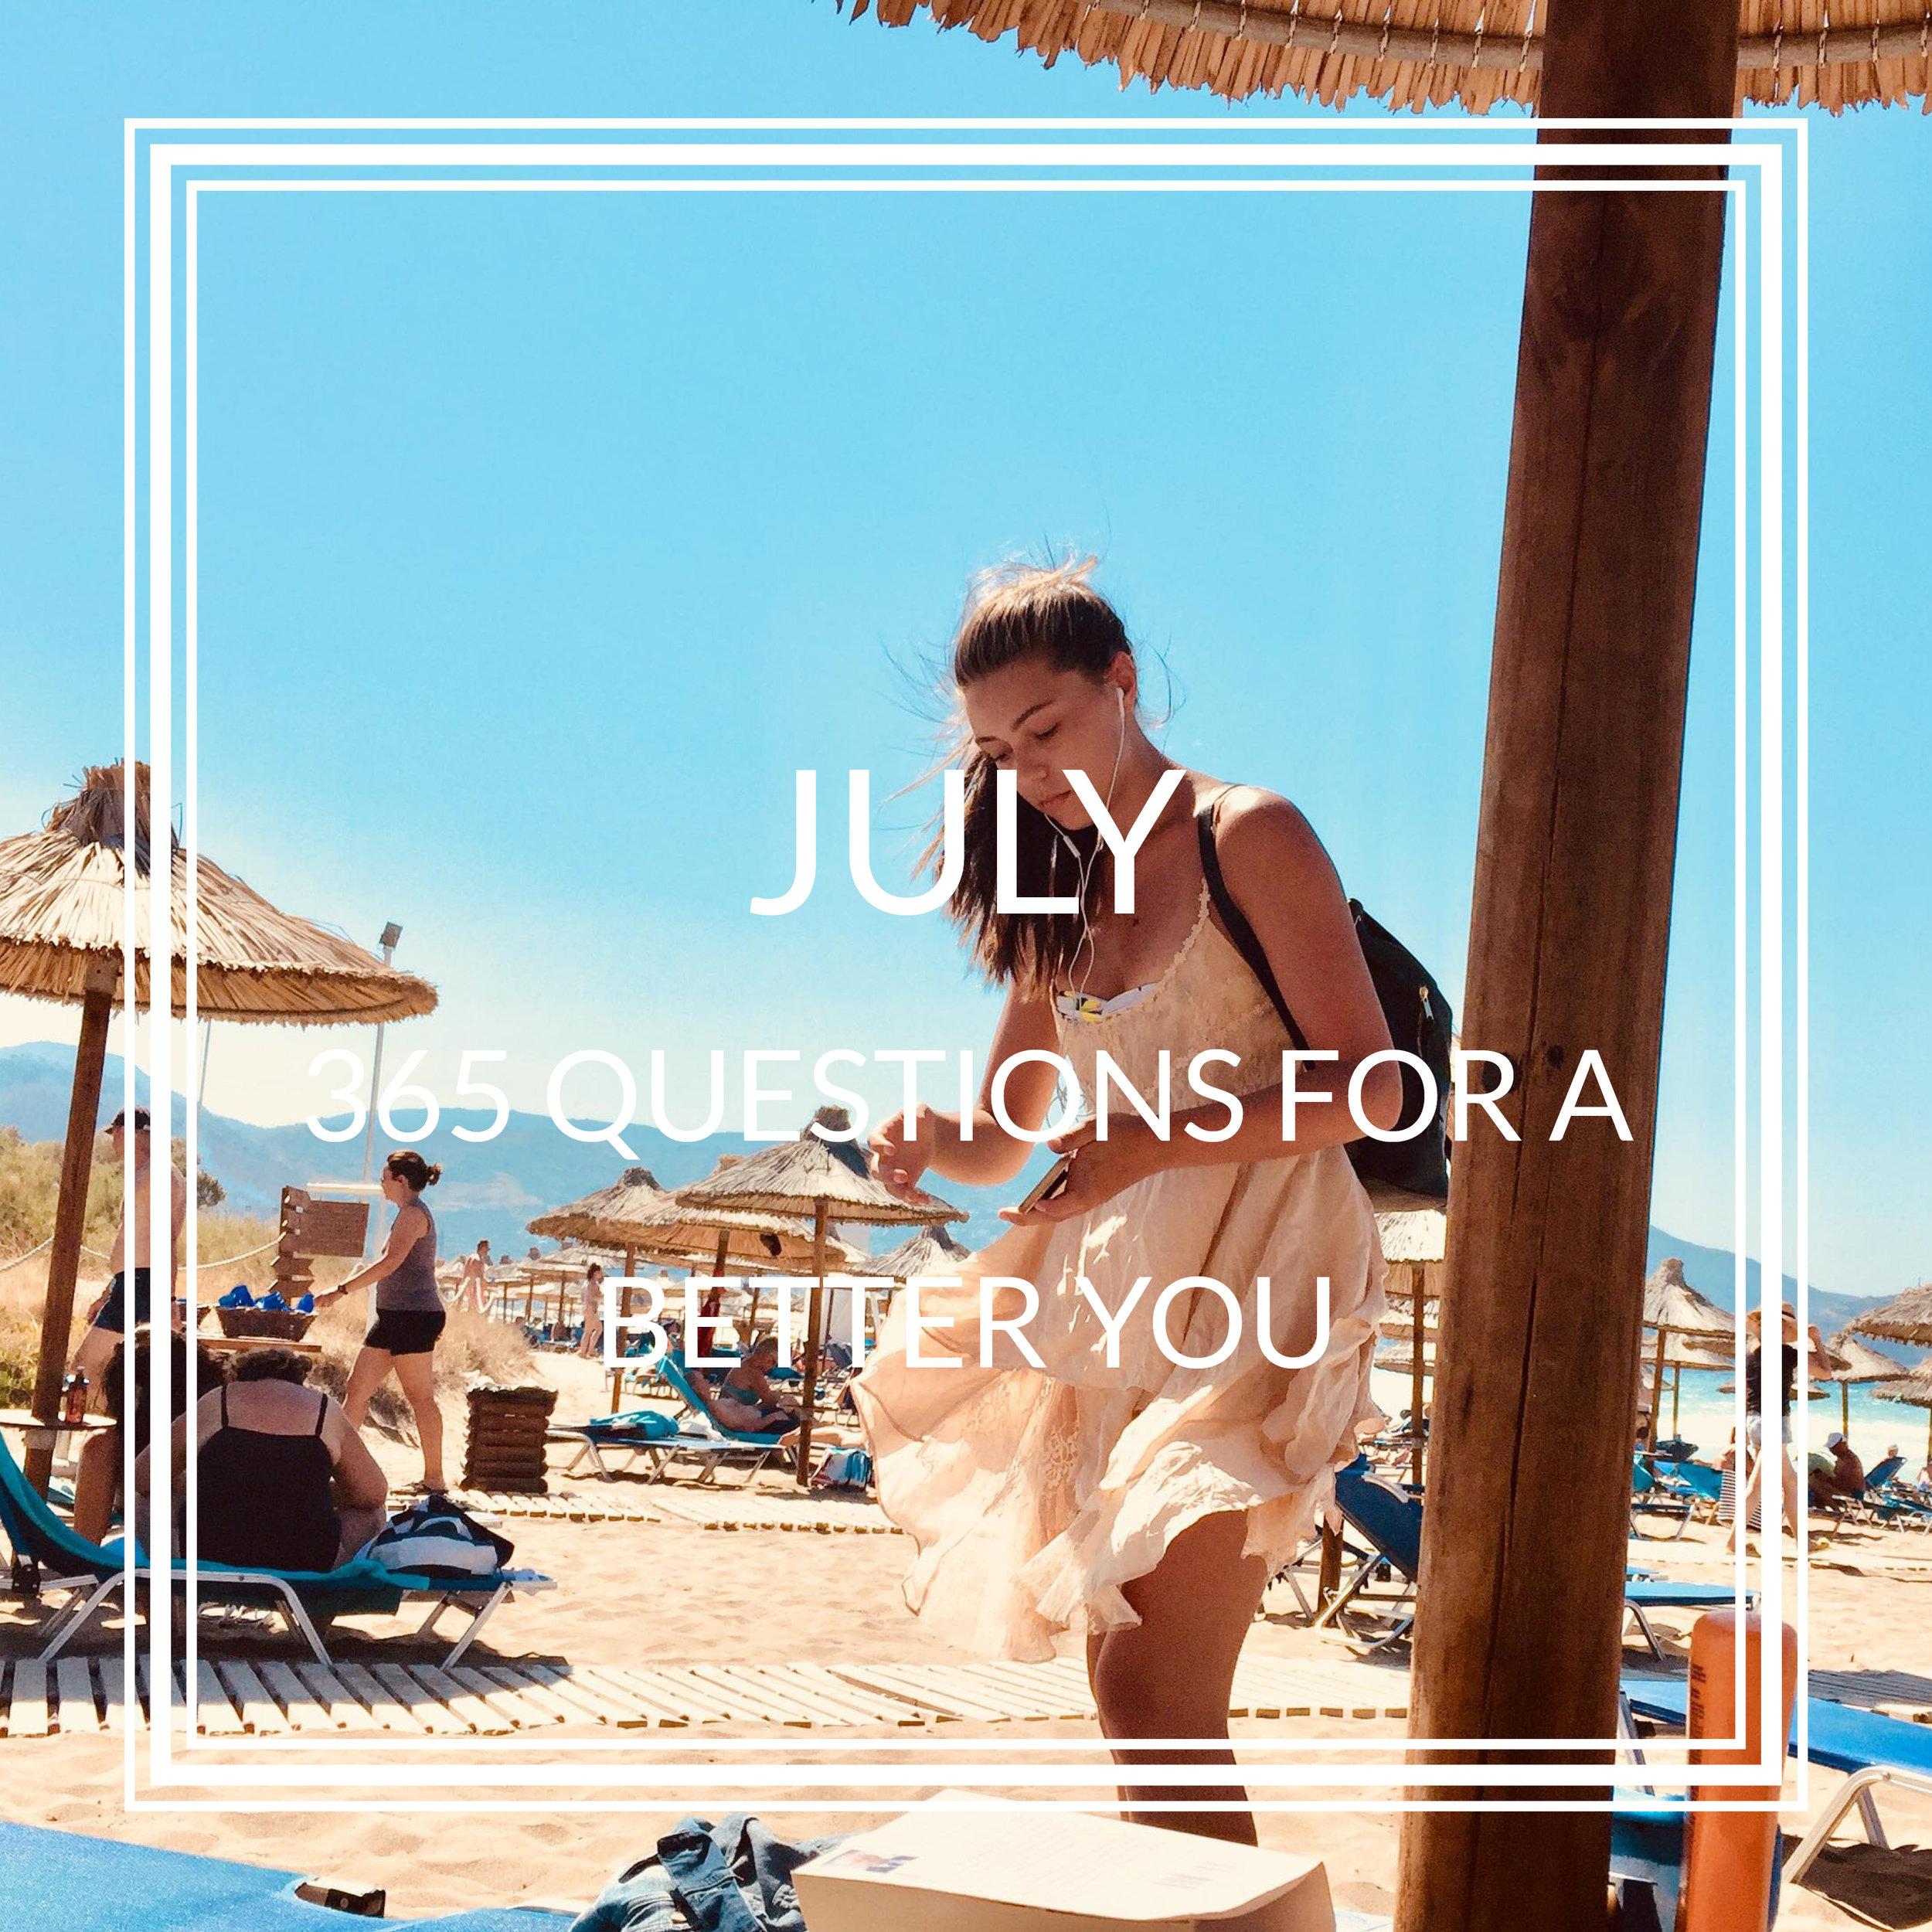 JULY 18, 2018